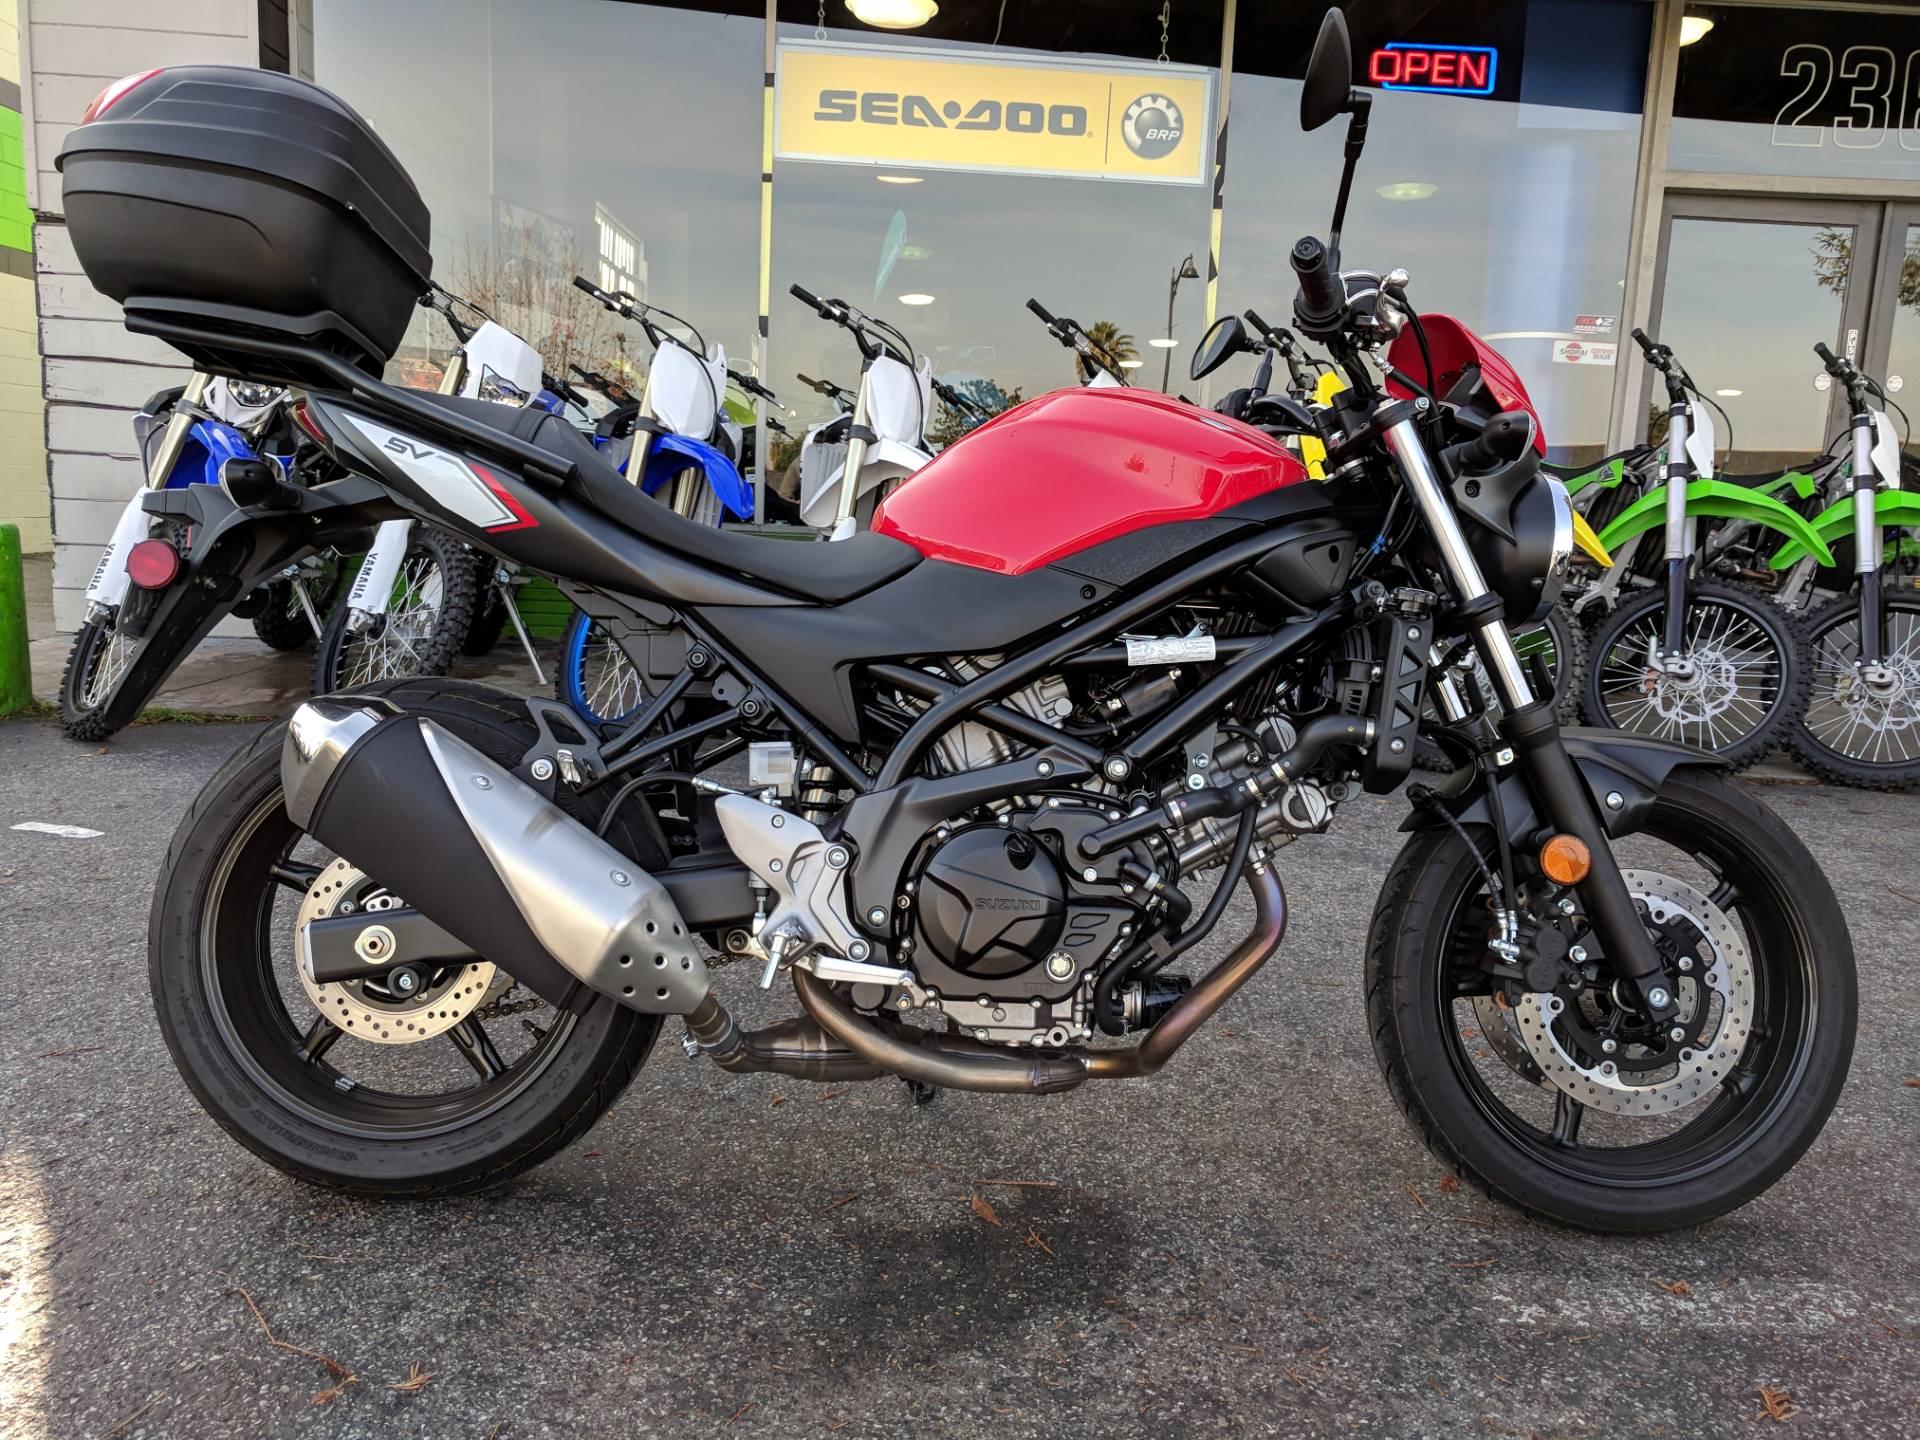 2017 Suzuki SV650 for sale 106711